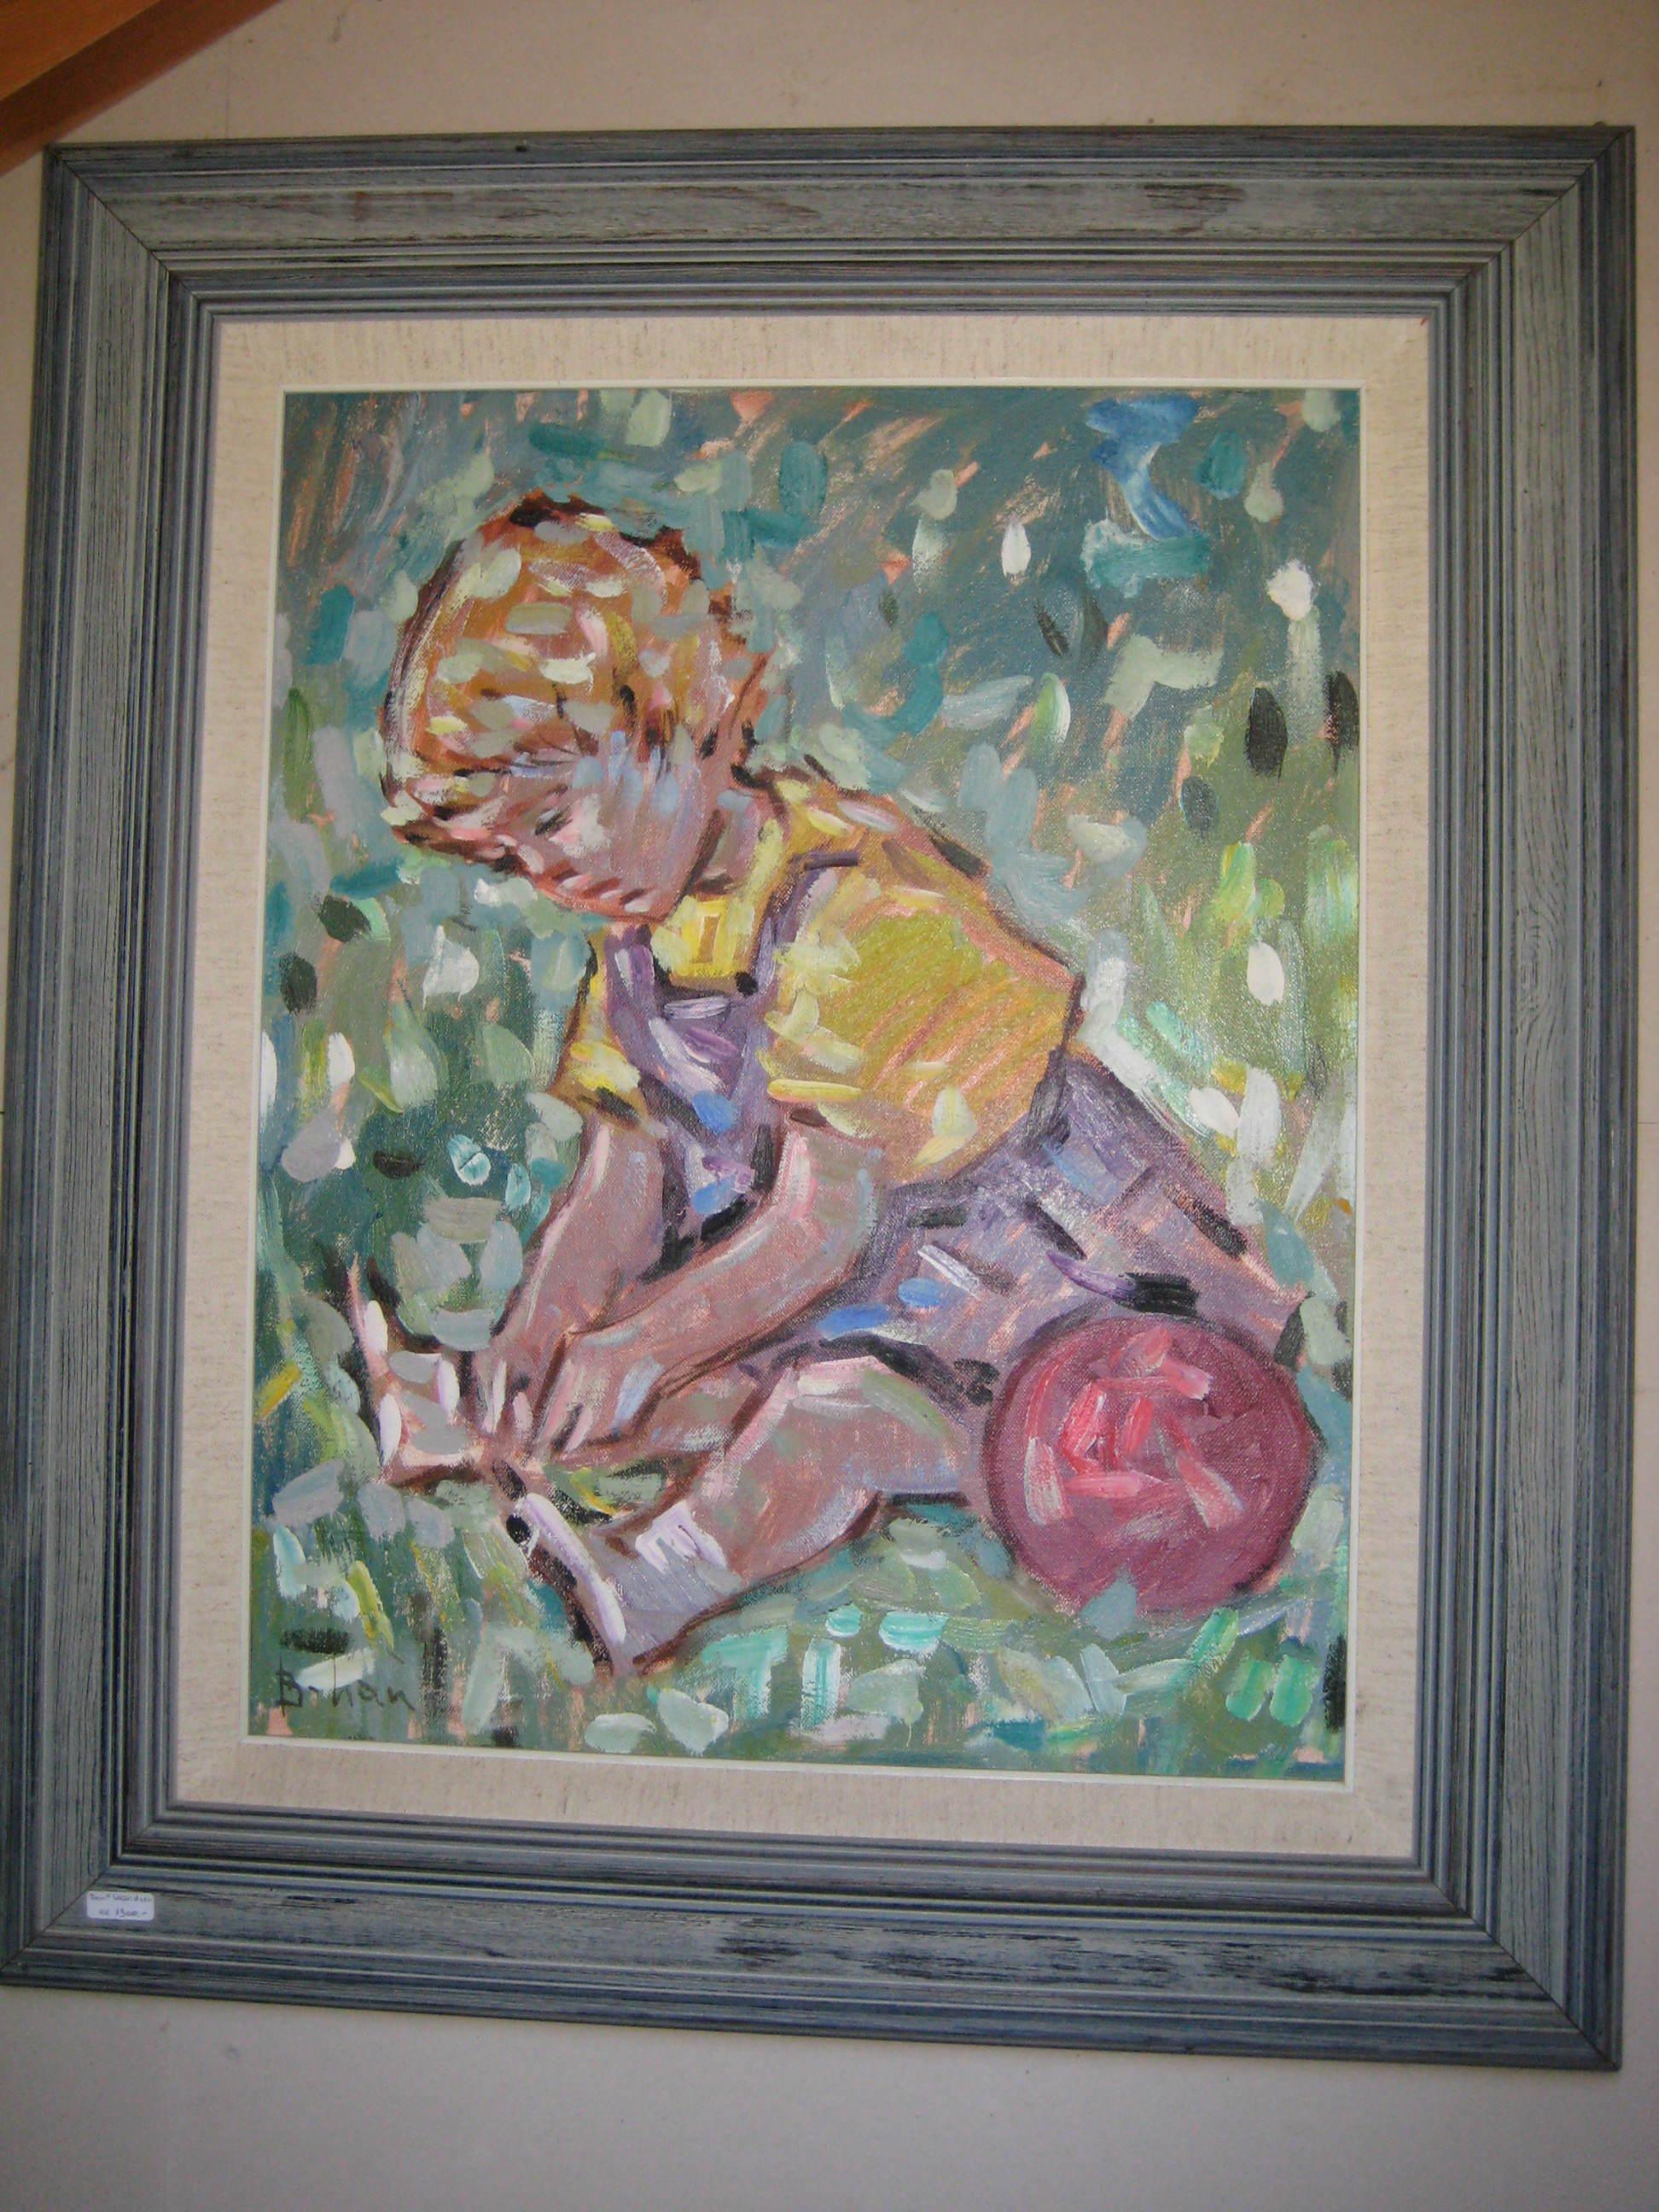 Bent Lauridsen, Lille Pige